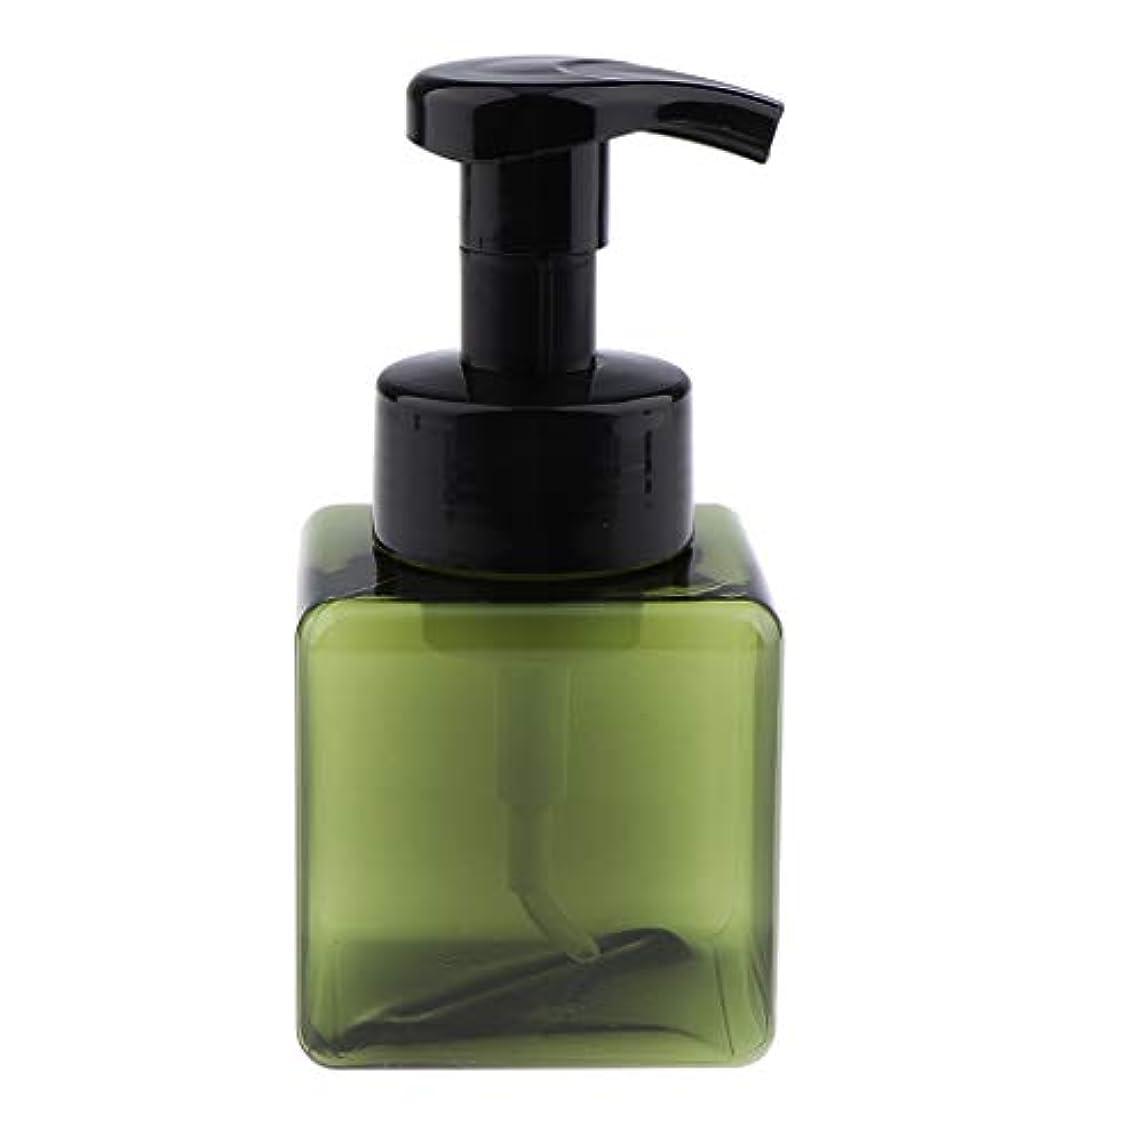 食い違い兵器庫淡いB Blesiya フォームディスペンサー ポンプボトル 250ml 6色選べ - 濃い緑色